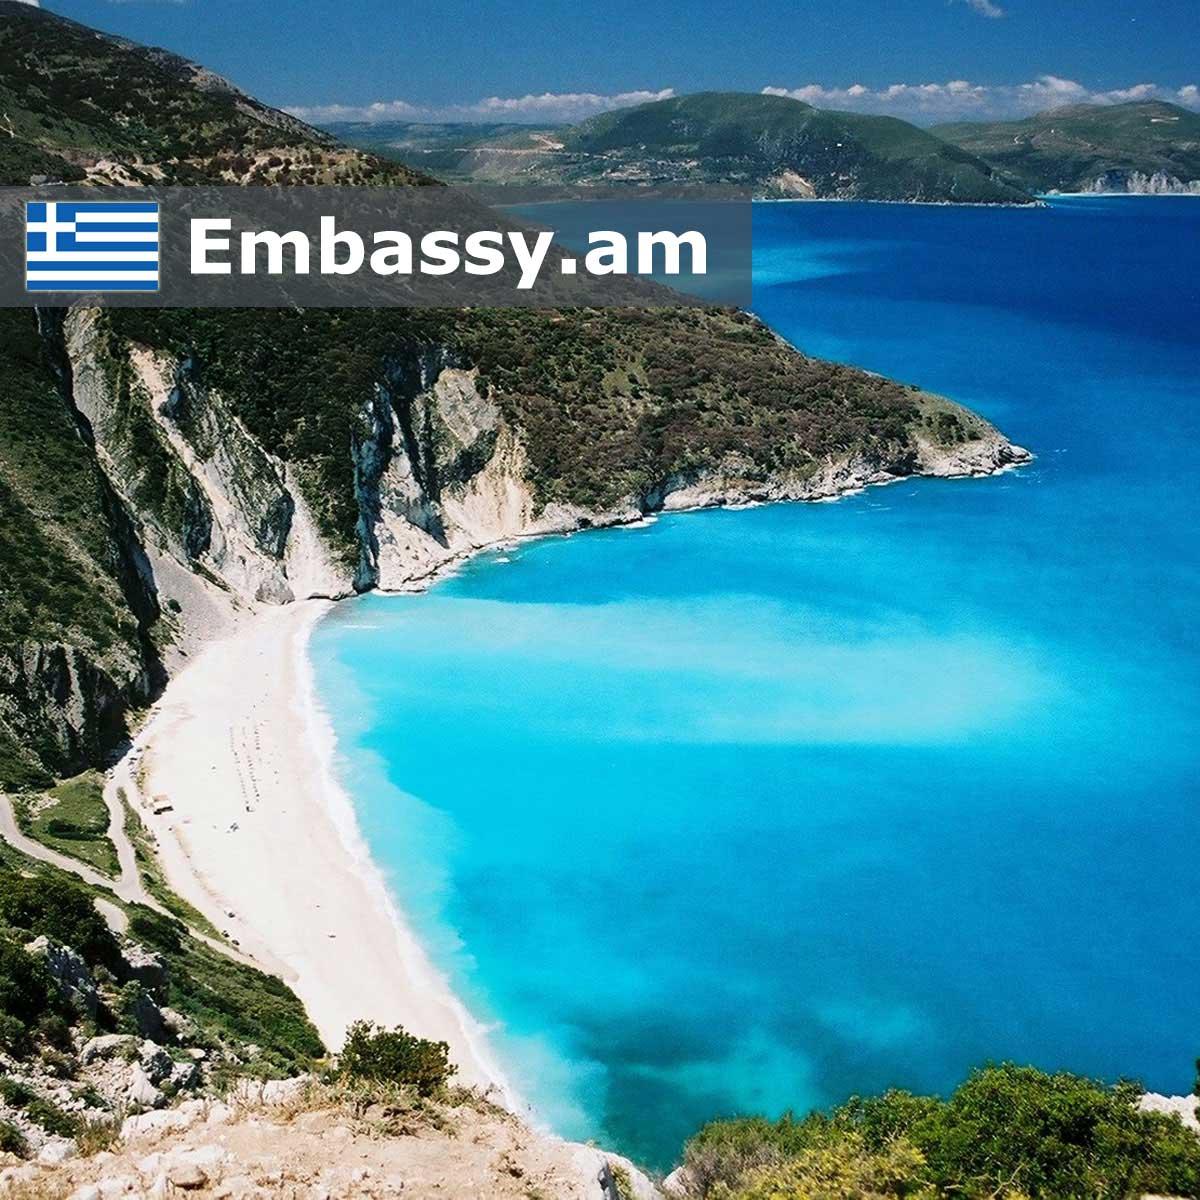 Կեֆալոնիա - Հյուրանոցներ Հունաստանում - Embassy.am